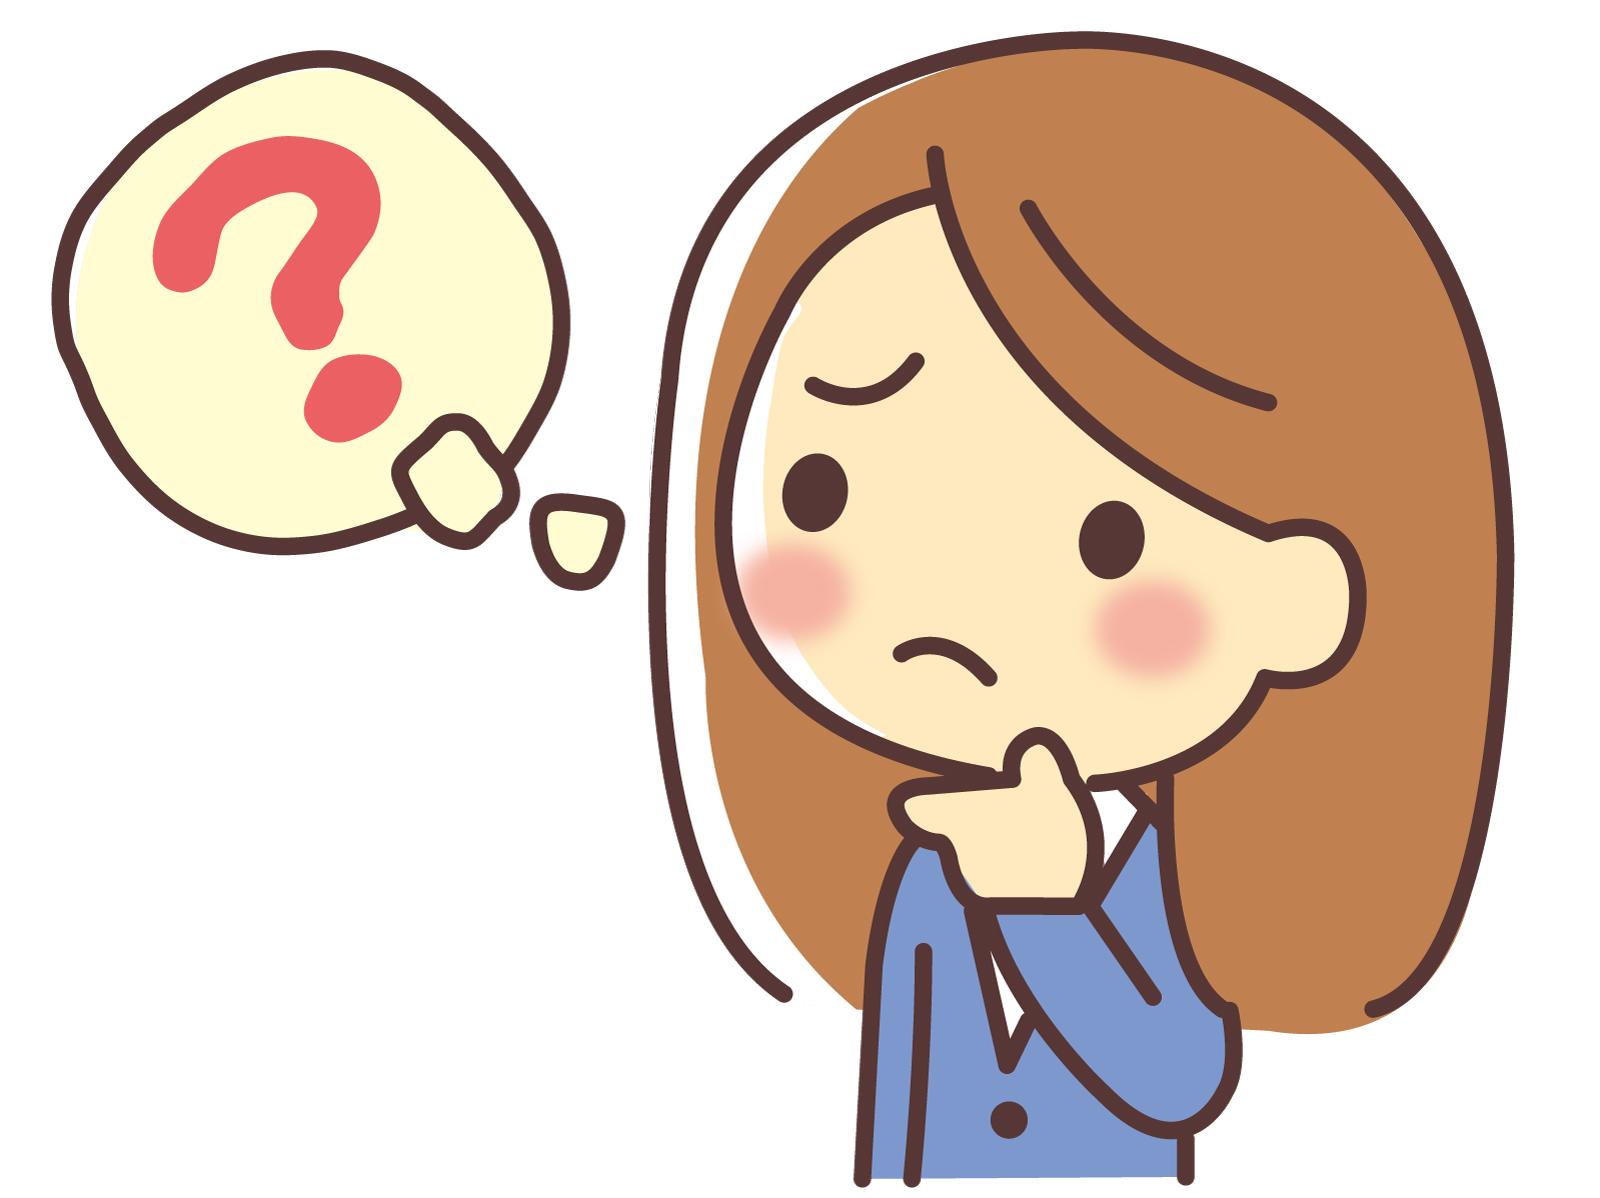 [認知症]蛭子能収が診断された軽度認知障害(MCI)とは